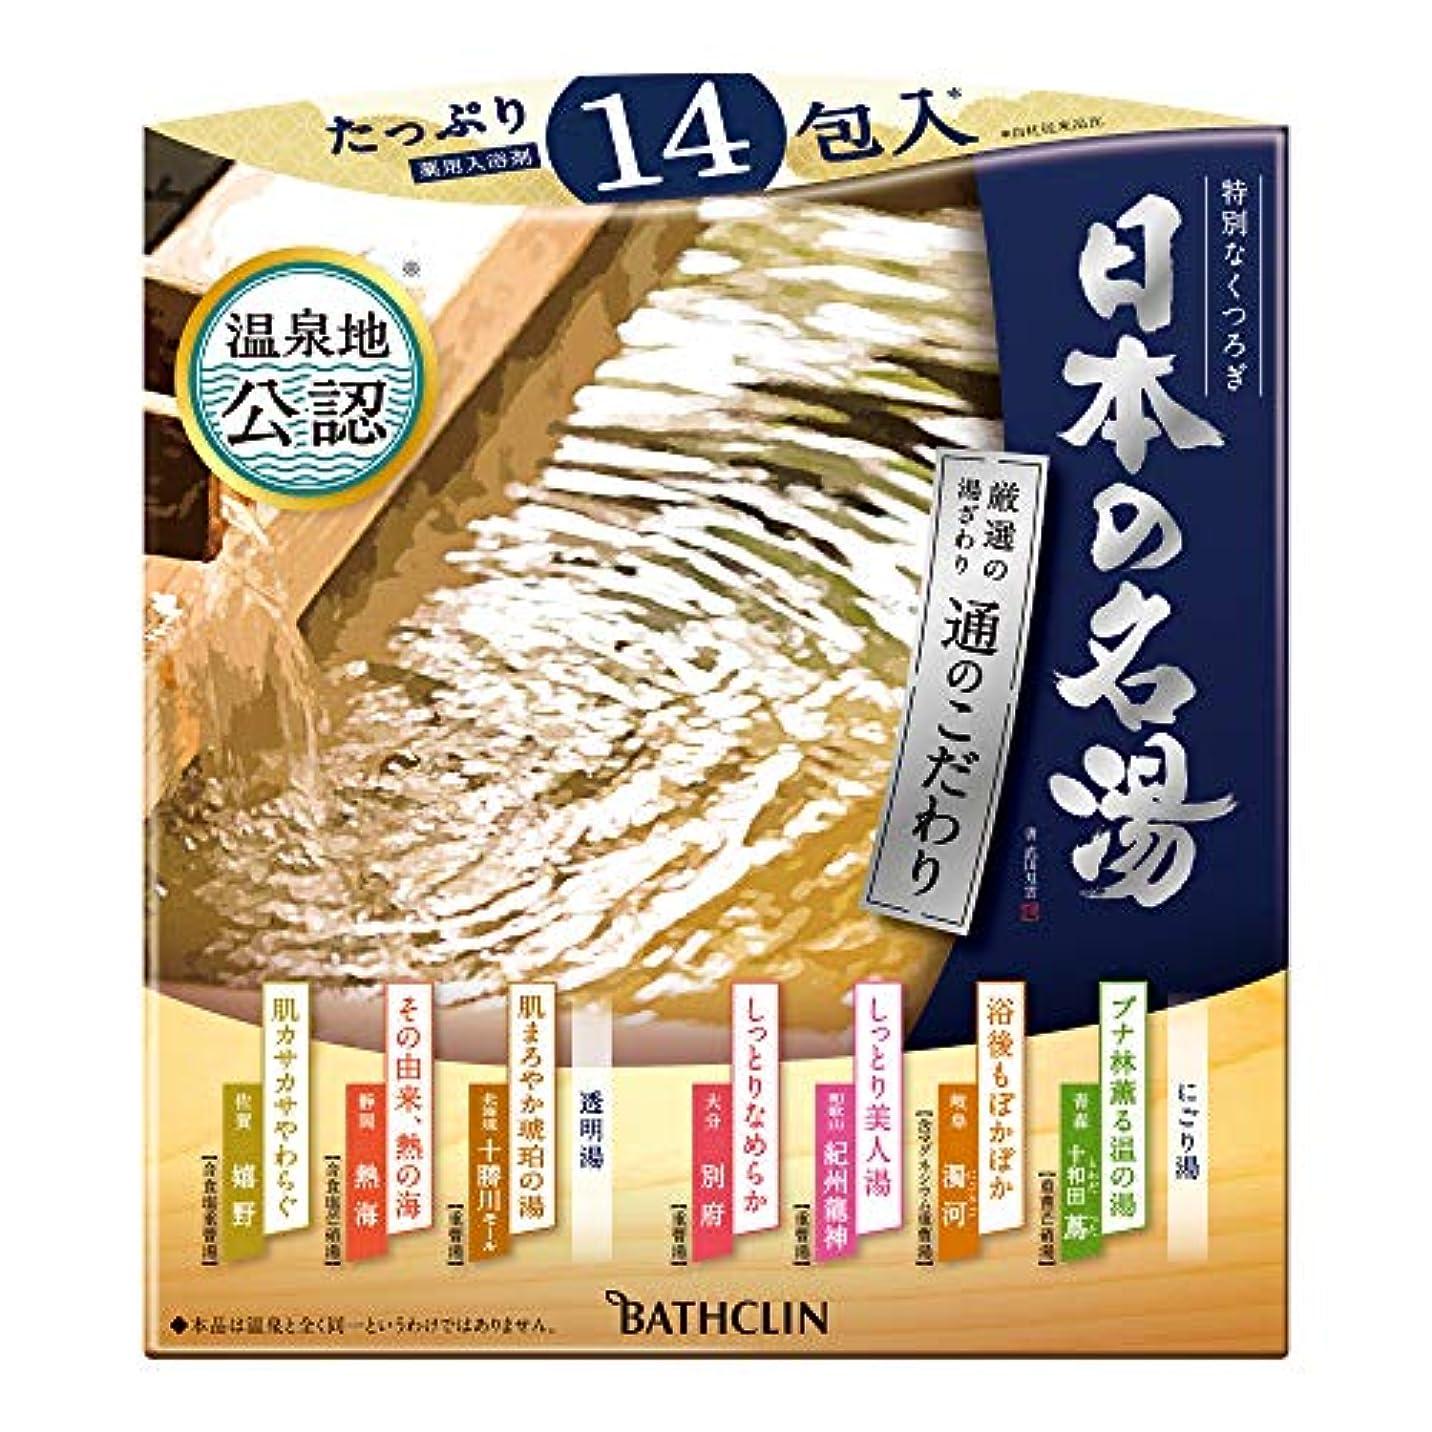 戦術頑張る妖精日本の名湯 通のこだわり 入浴剤 色と香りで情緒を表現した温泉タイプ入浴剤 セット 30g×14包